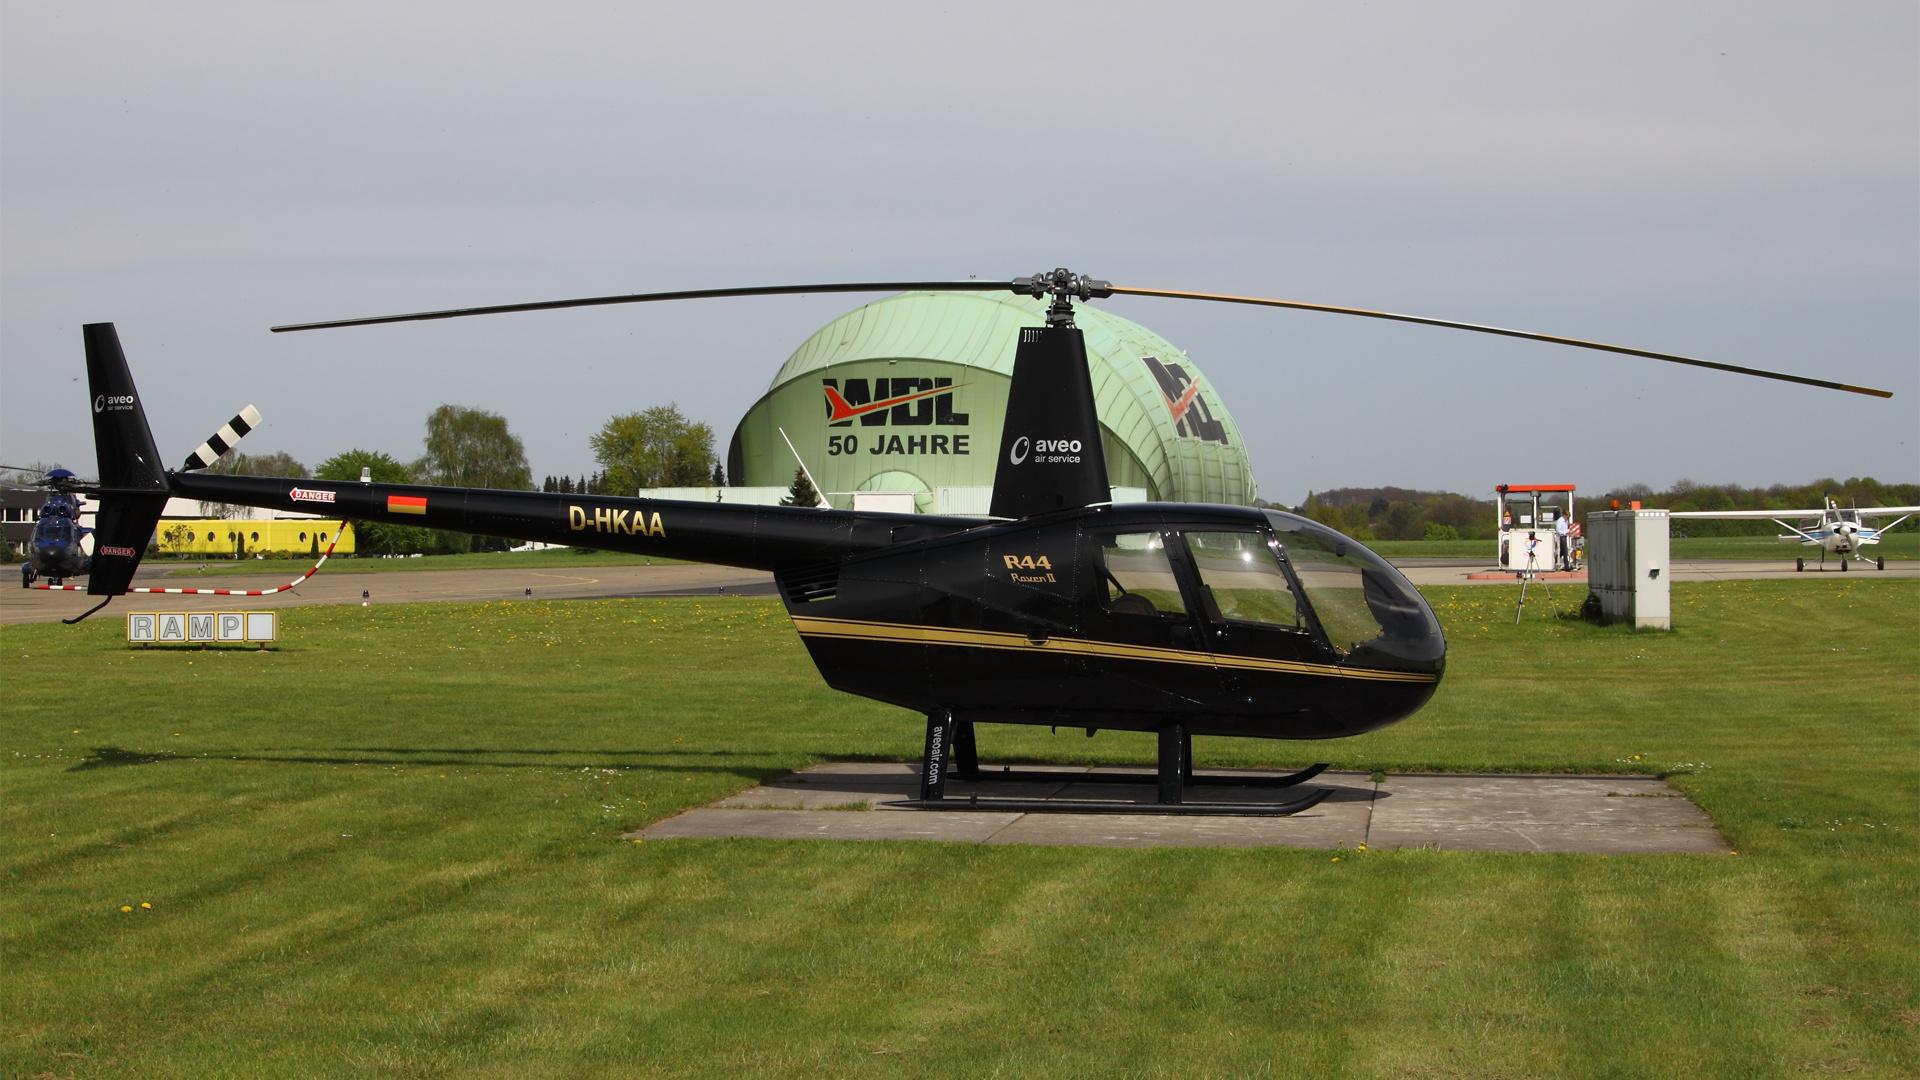 D-HKAA-1 R44 ESS 201204